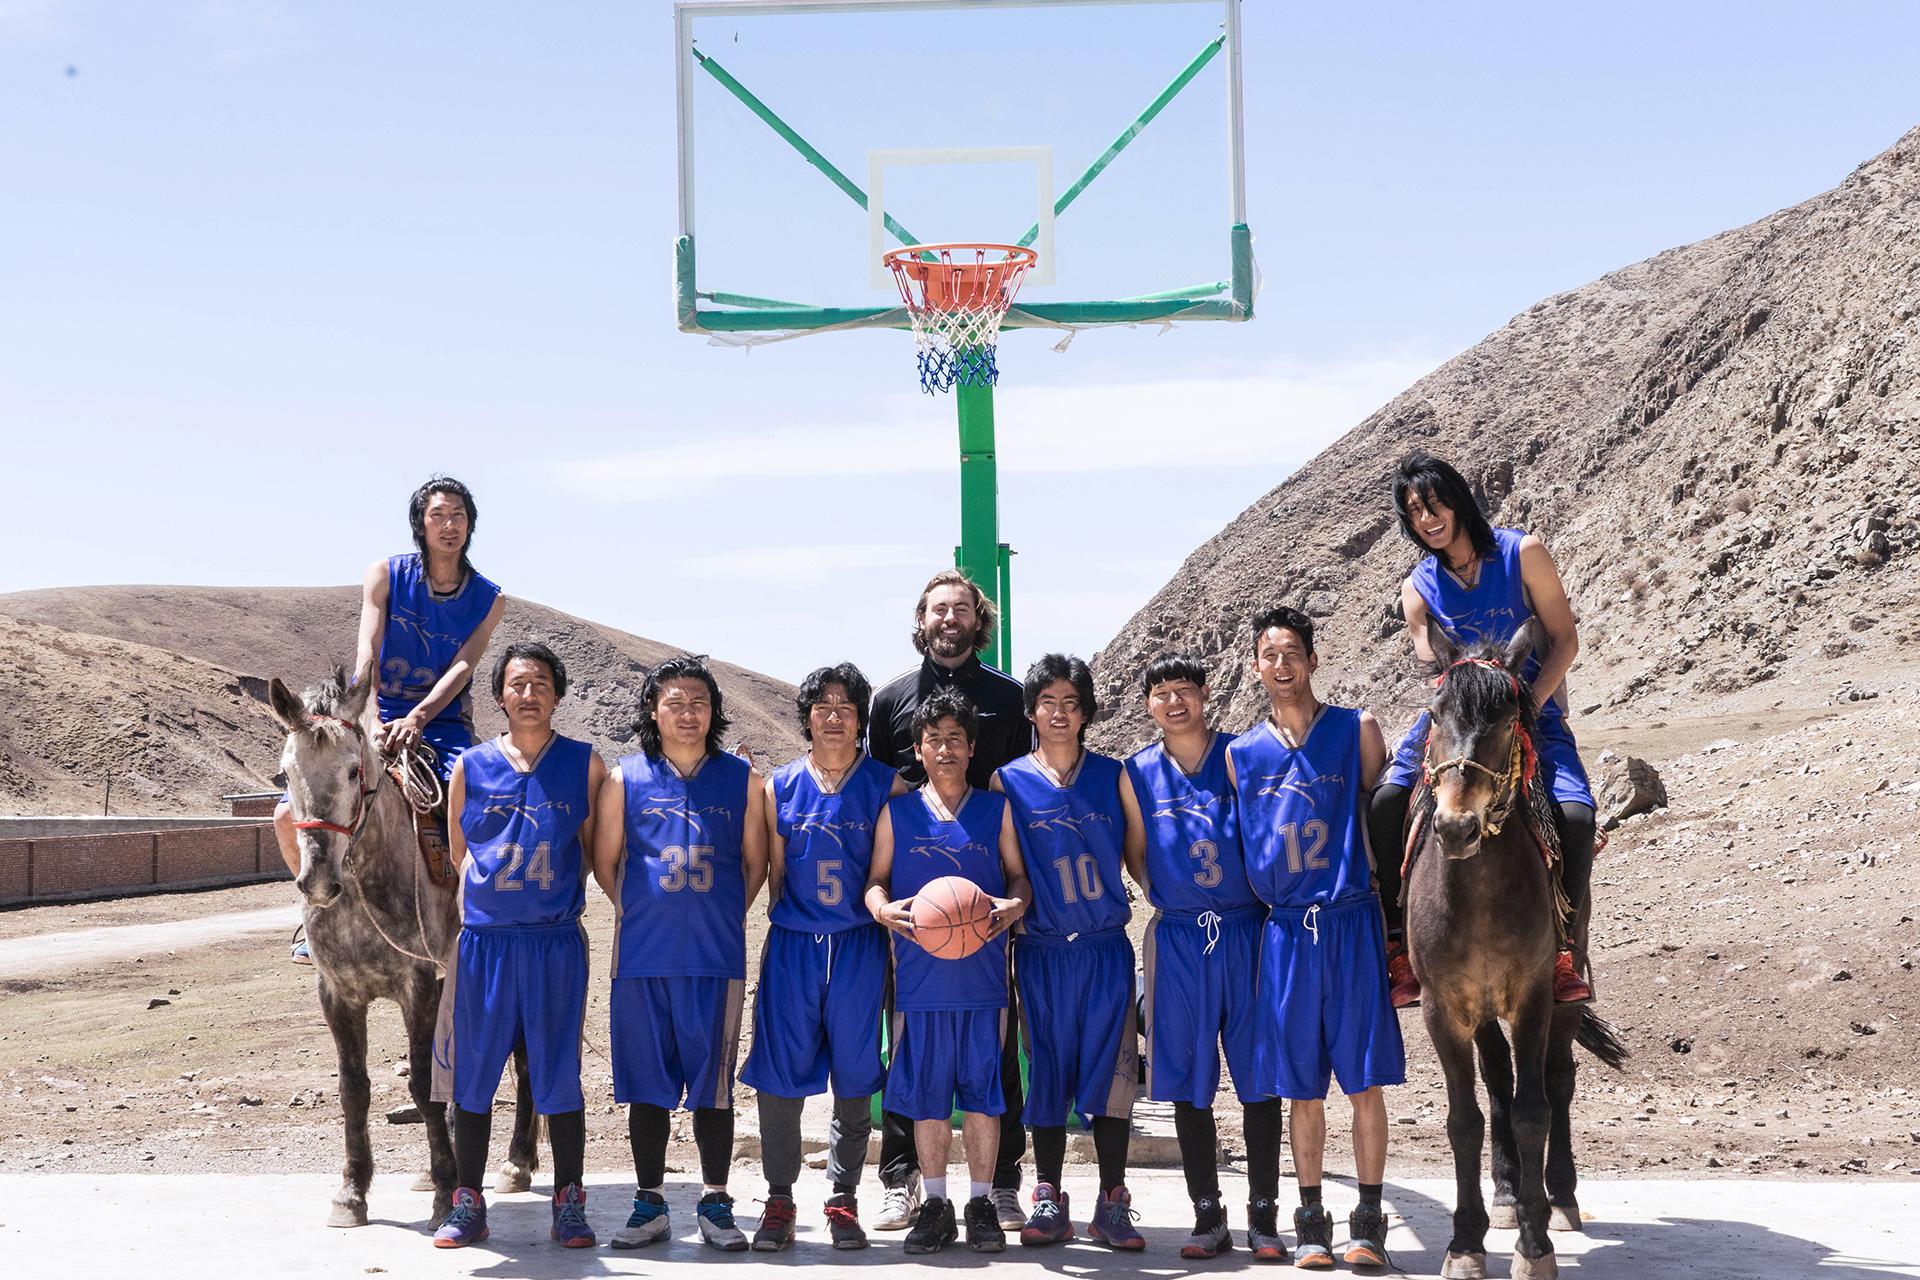 Norlha Men's Basketball Team on Horses